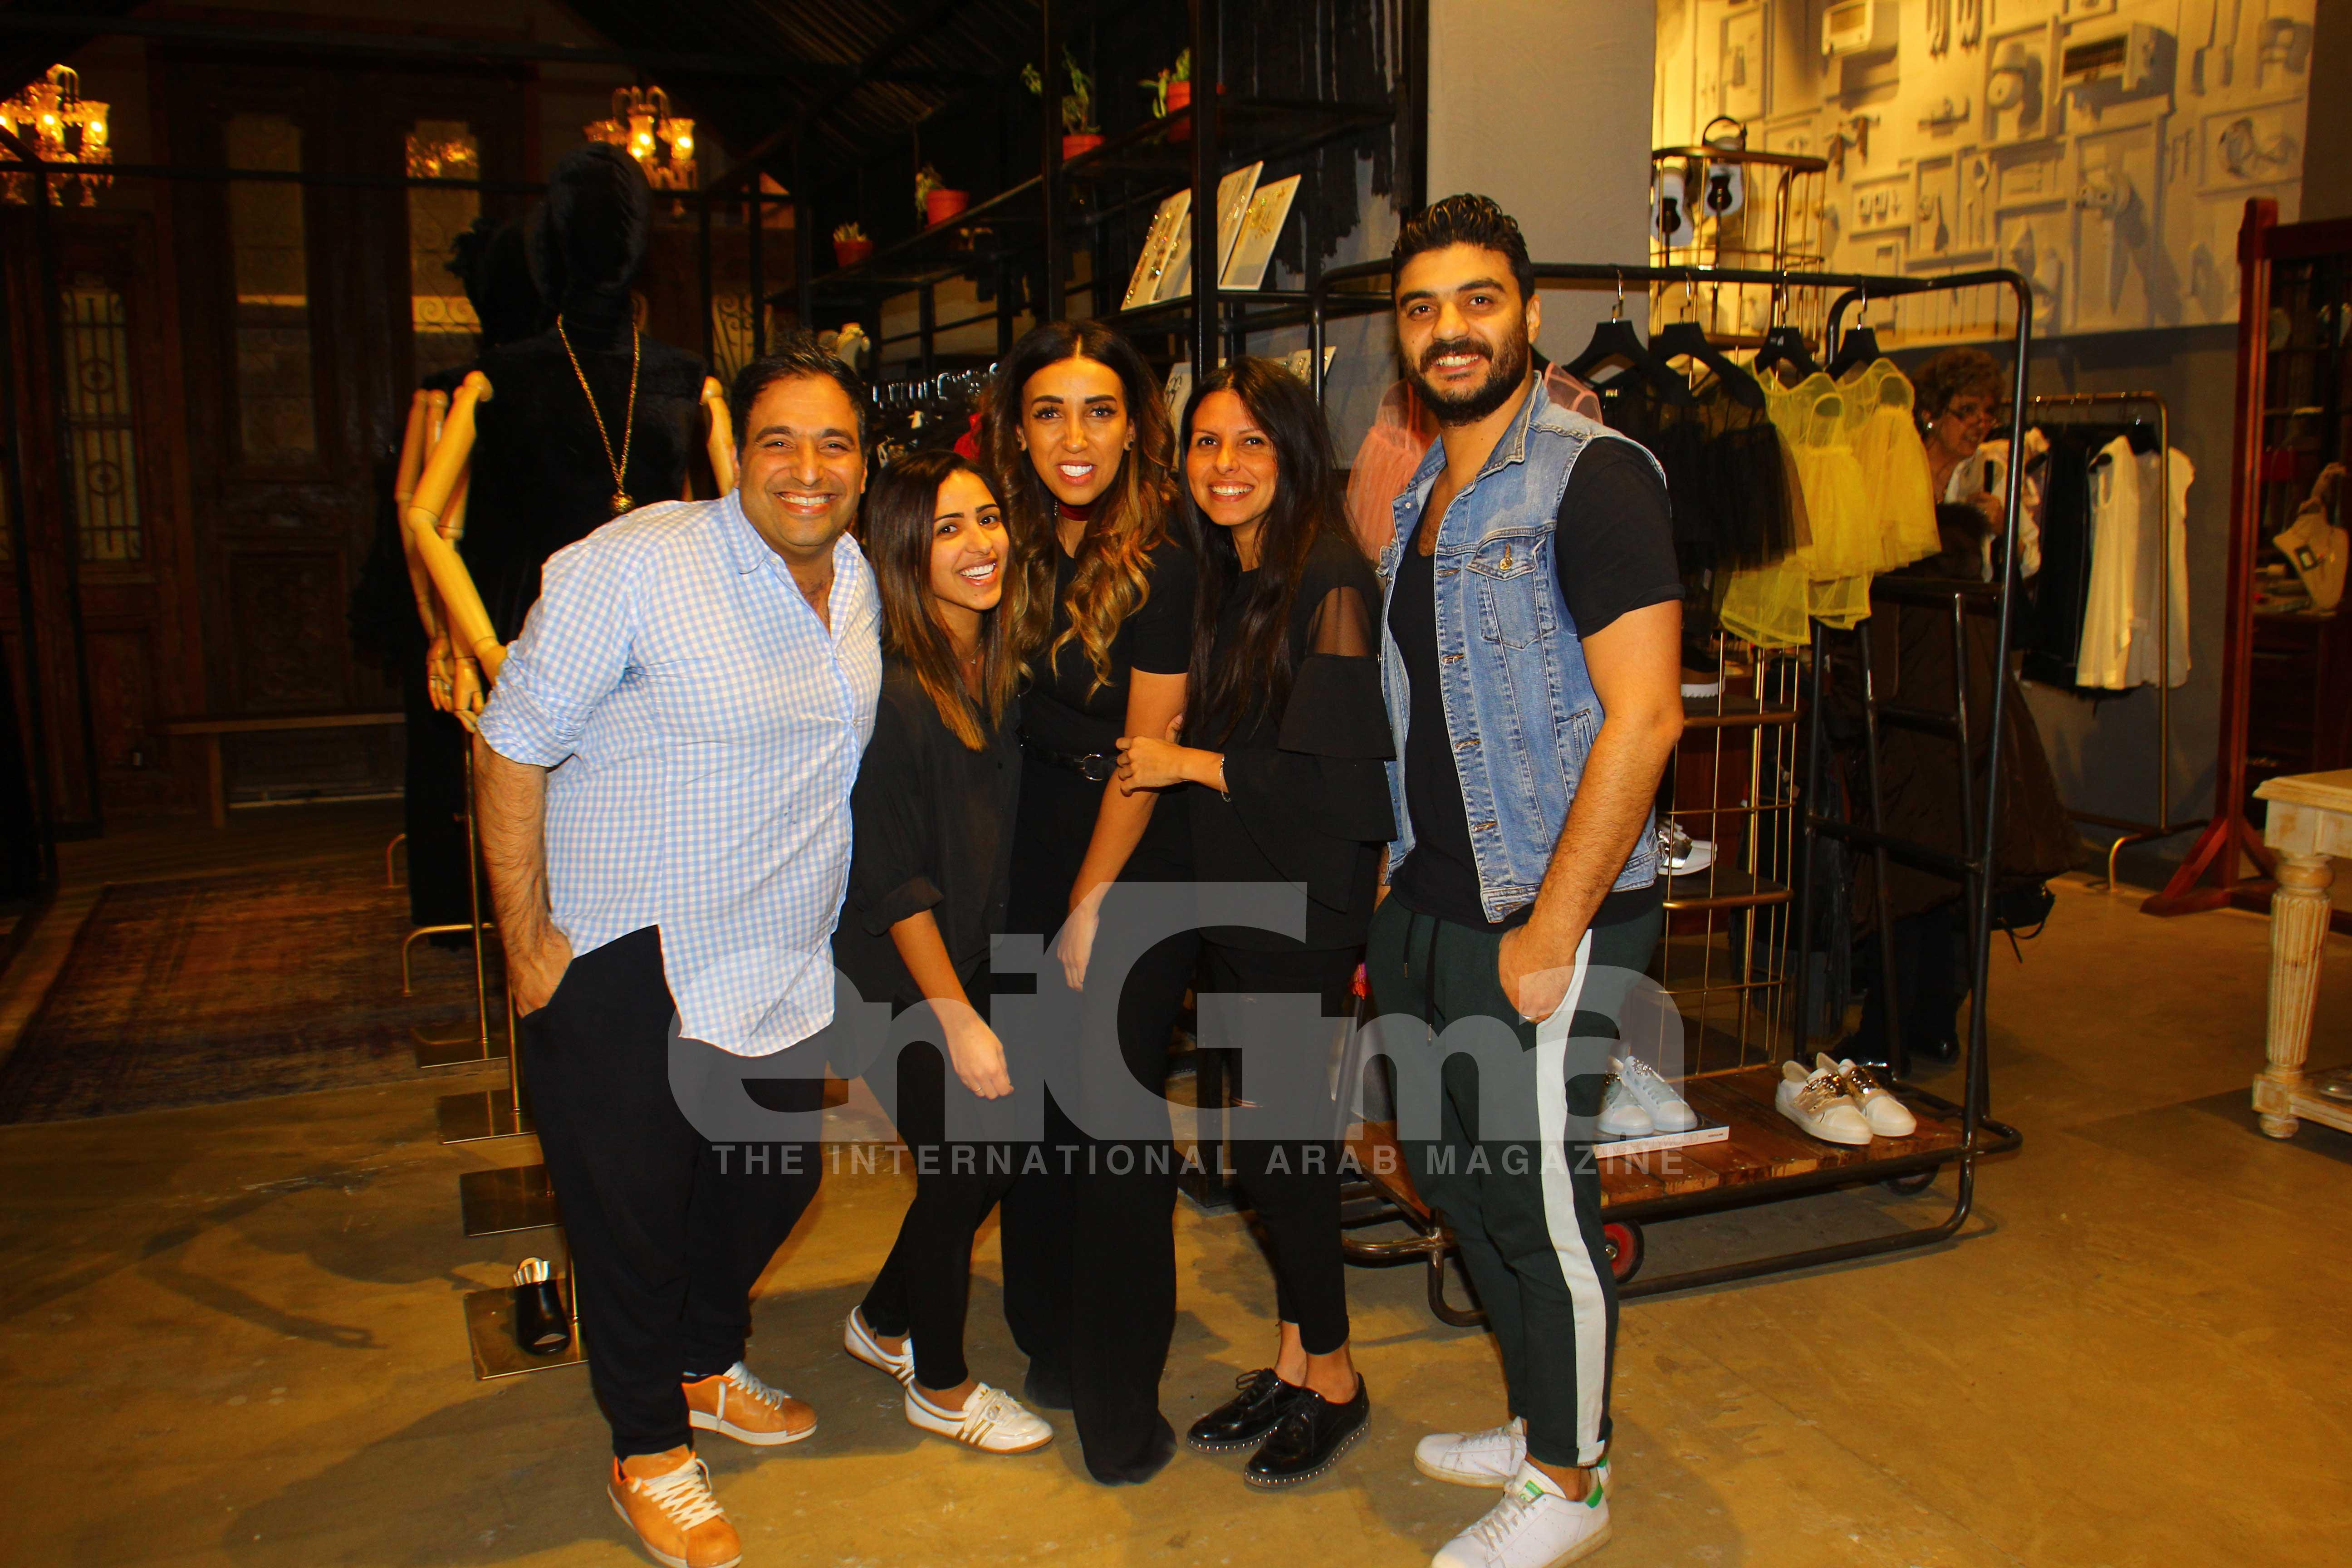 Mr. Amir El Fayoumi, Ms. Dalia Bakr, Ms. Ekram Abed, Ms. Sara Habib & Mr. Shady El Refai